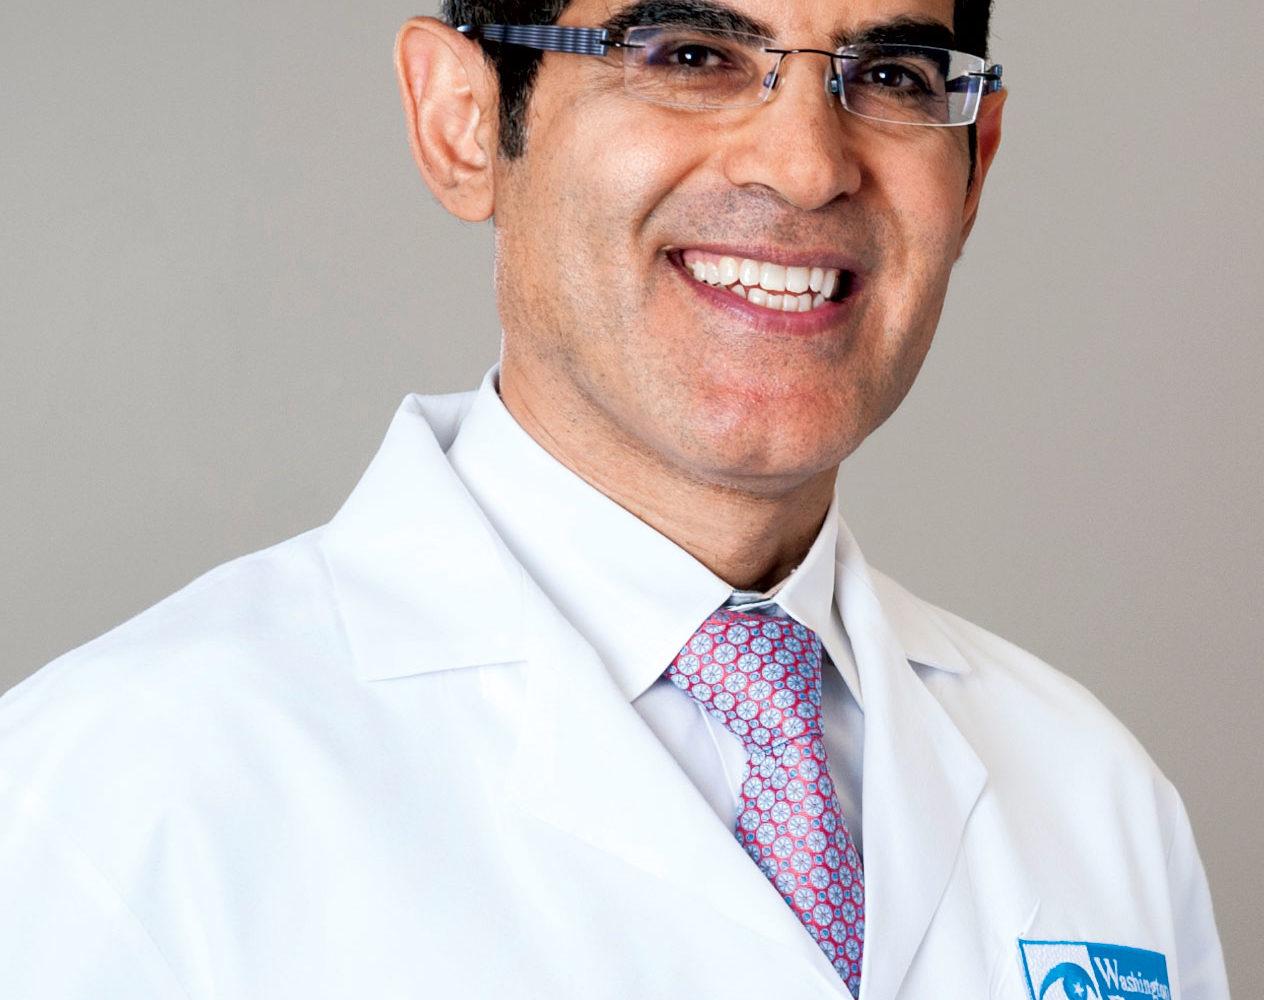 M. Cameron Ghafouri